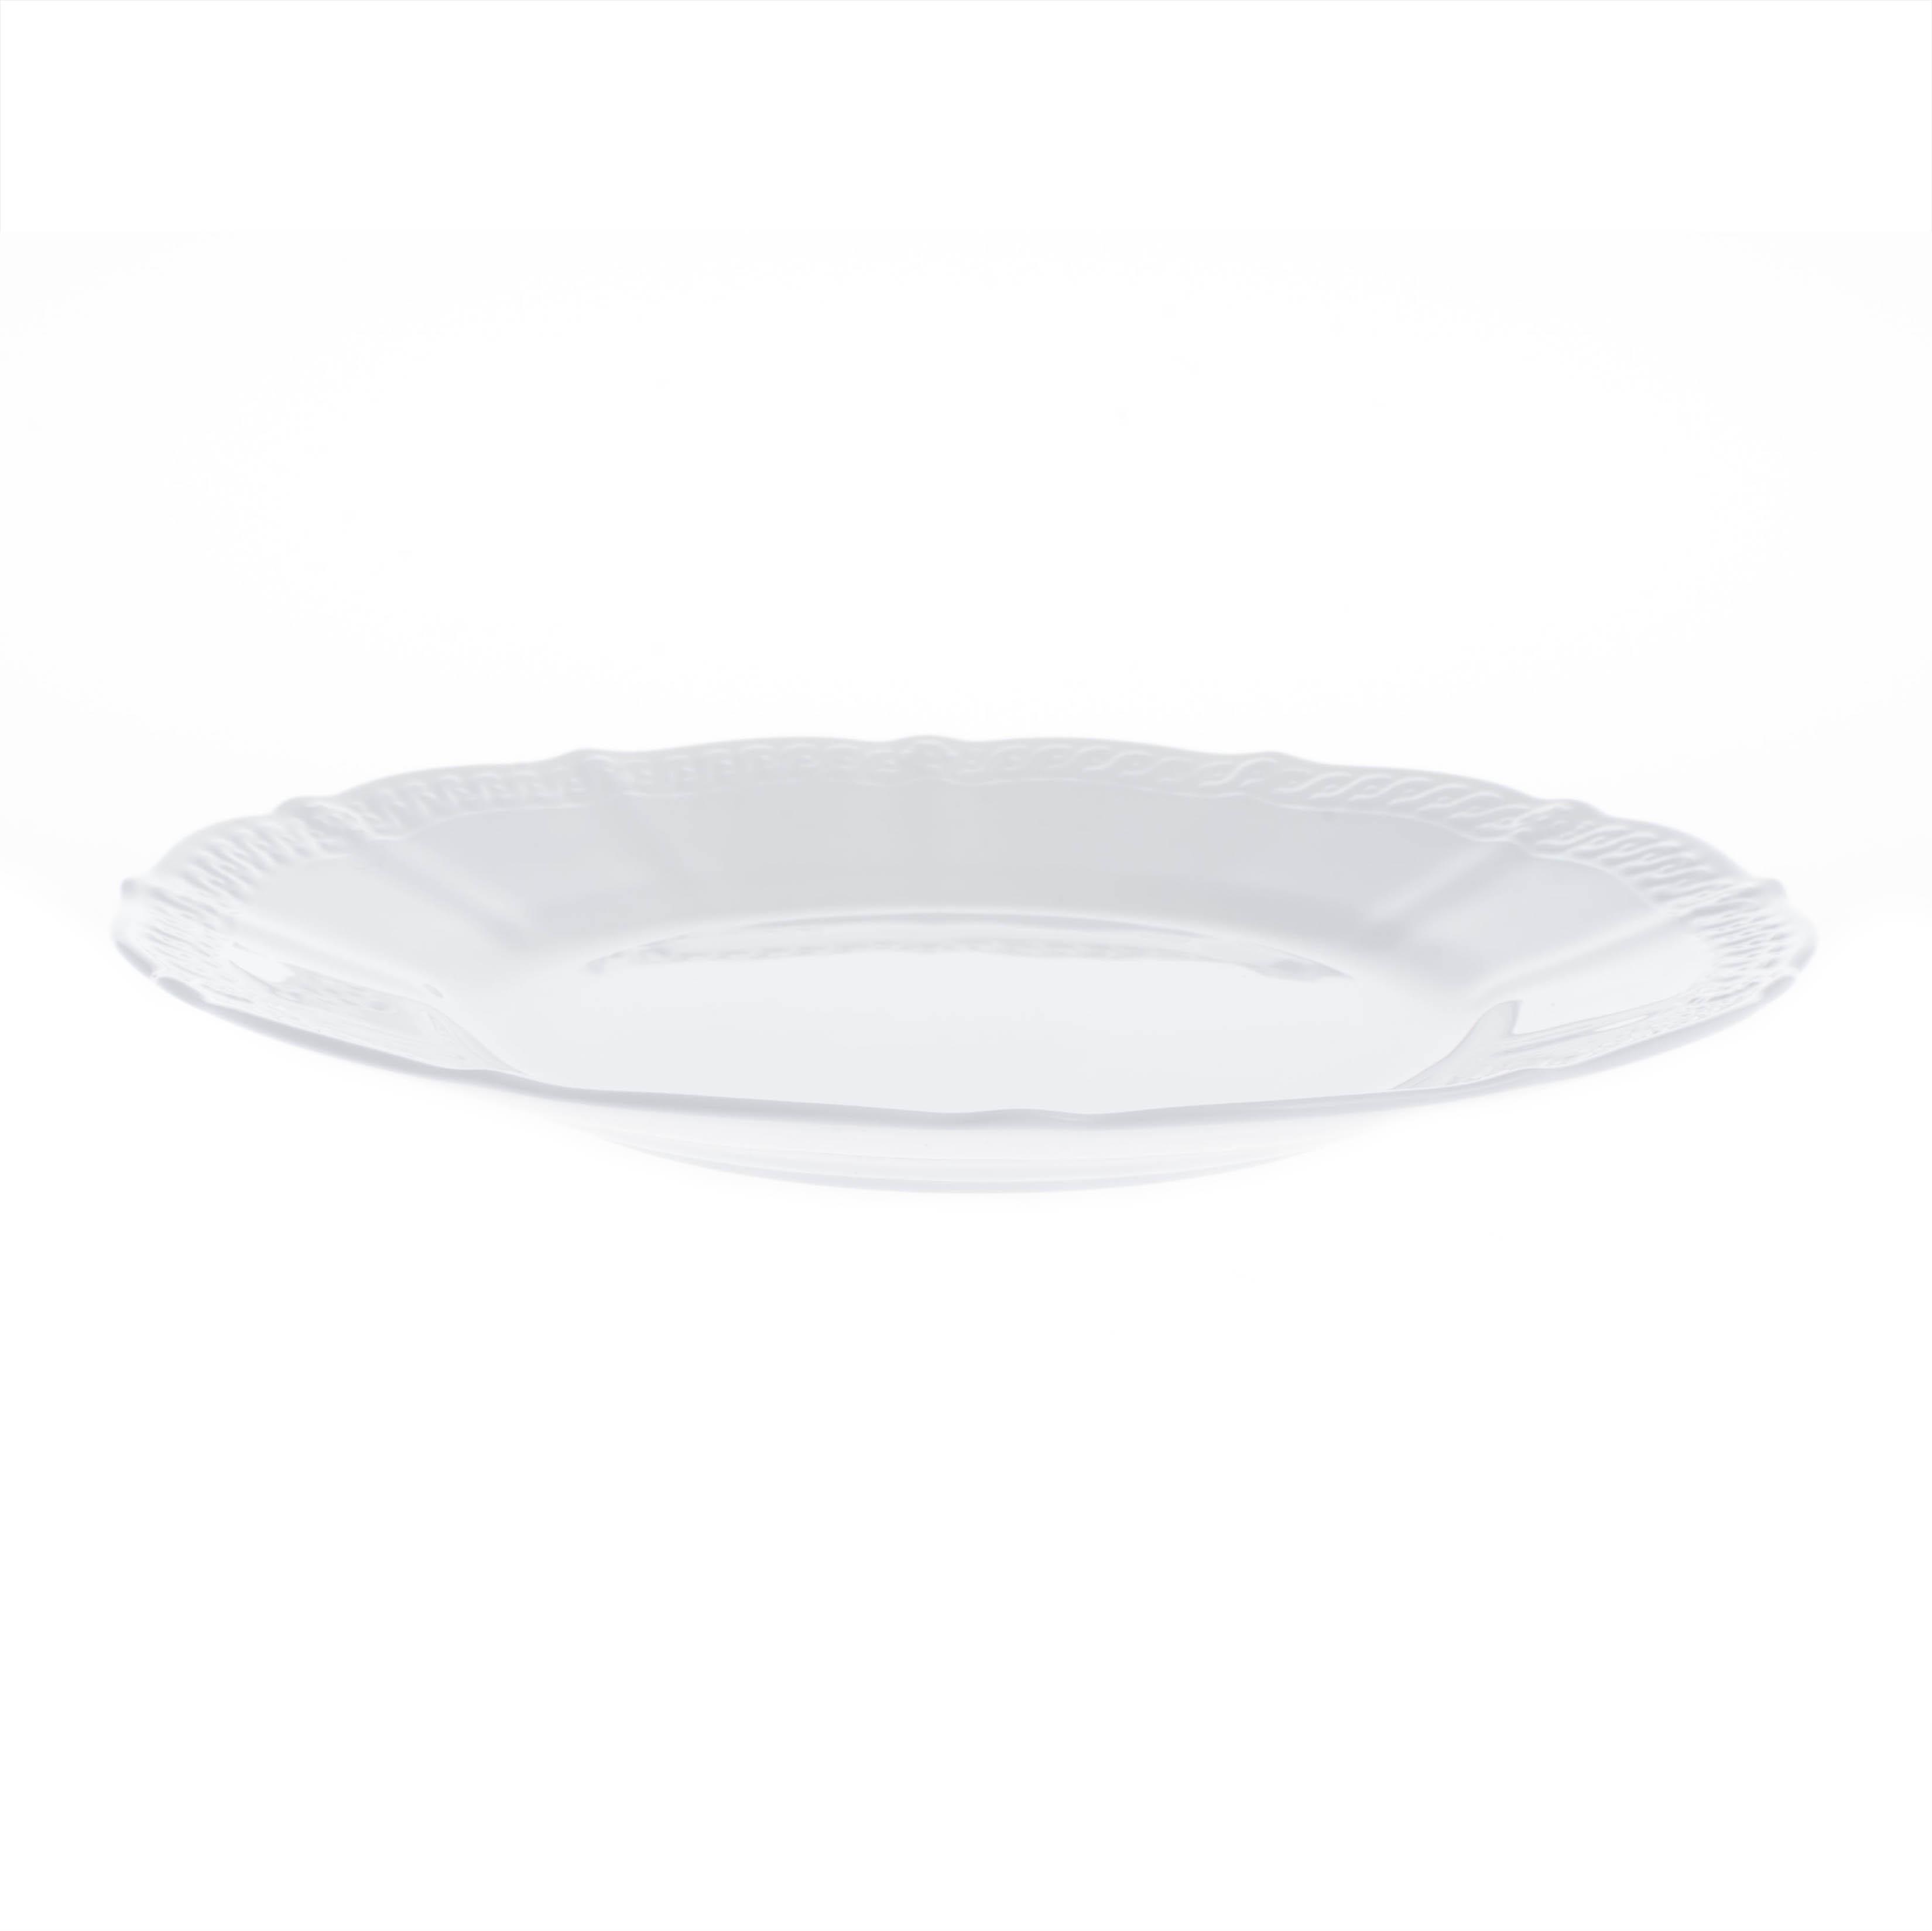 Тарелка закусочная Шер Бланк Noritake 21,5 см тарелка закусочная noritake брум стрит 22см